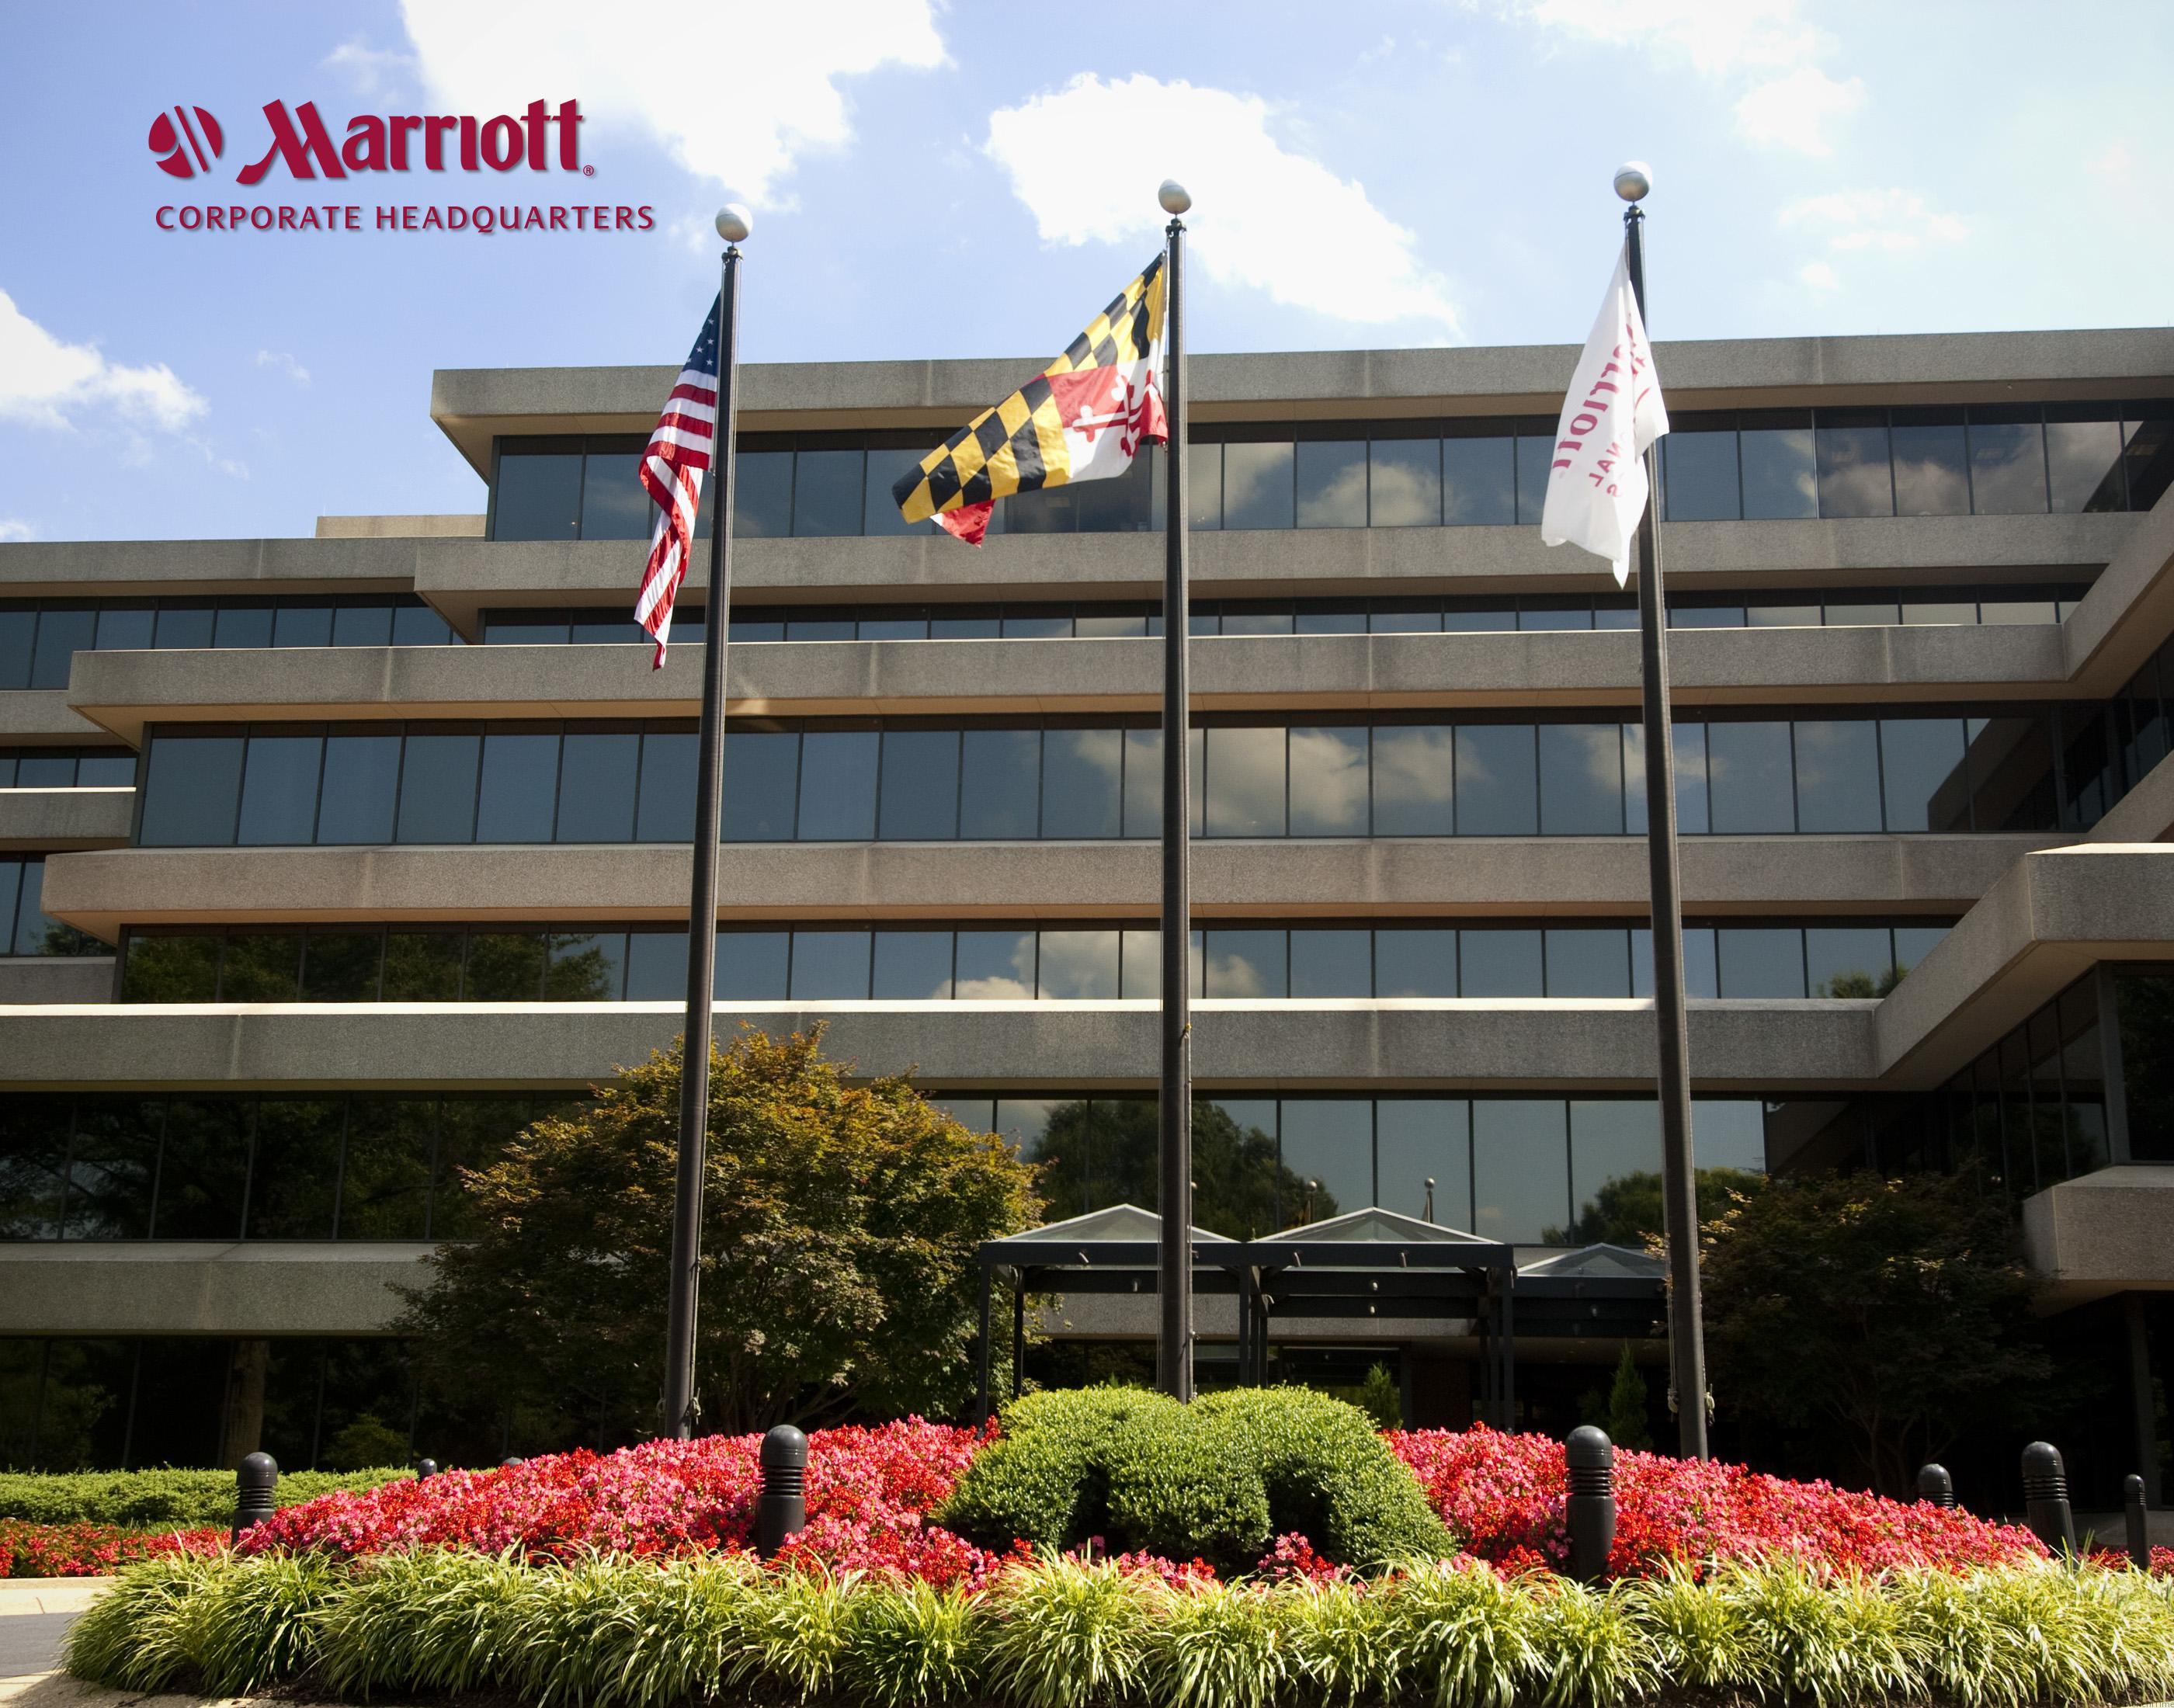 marriott-corporate-headquarters